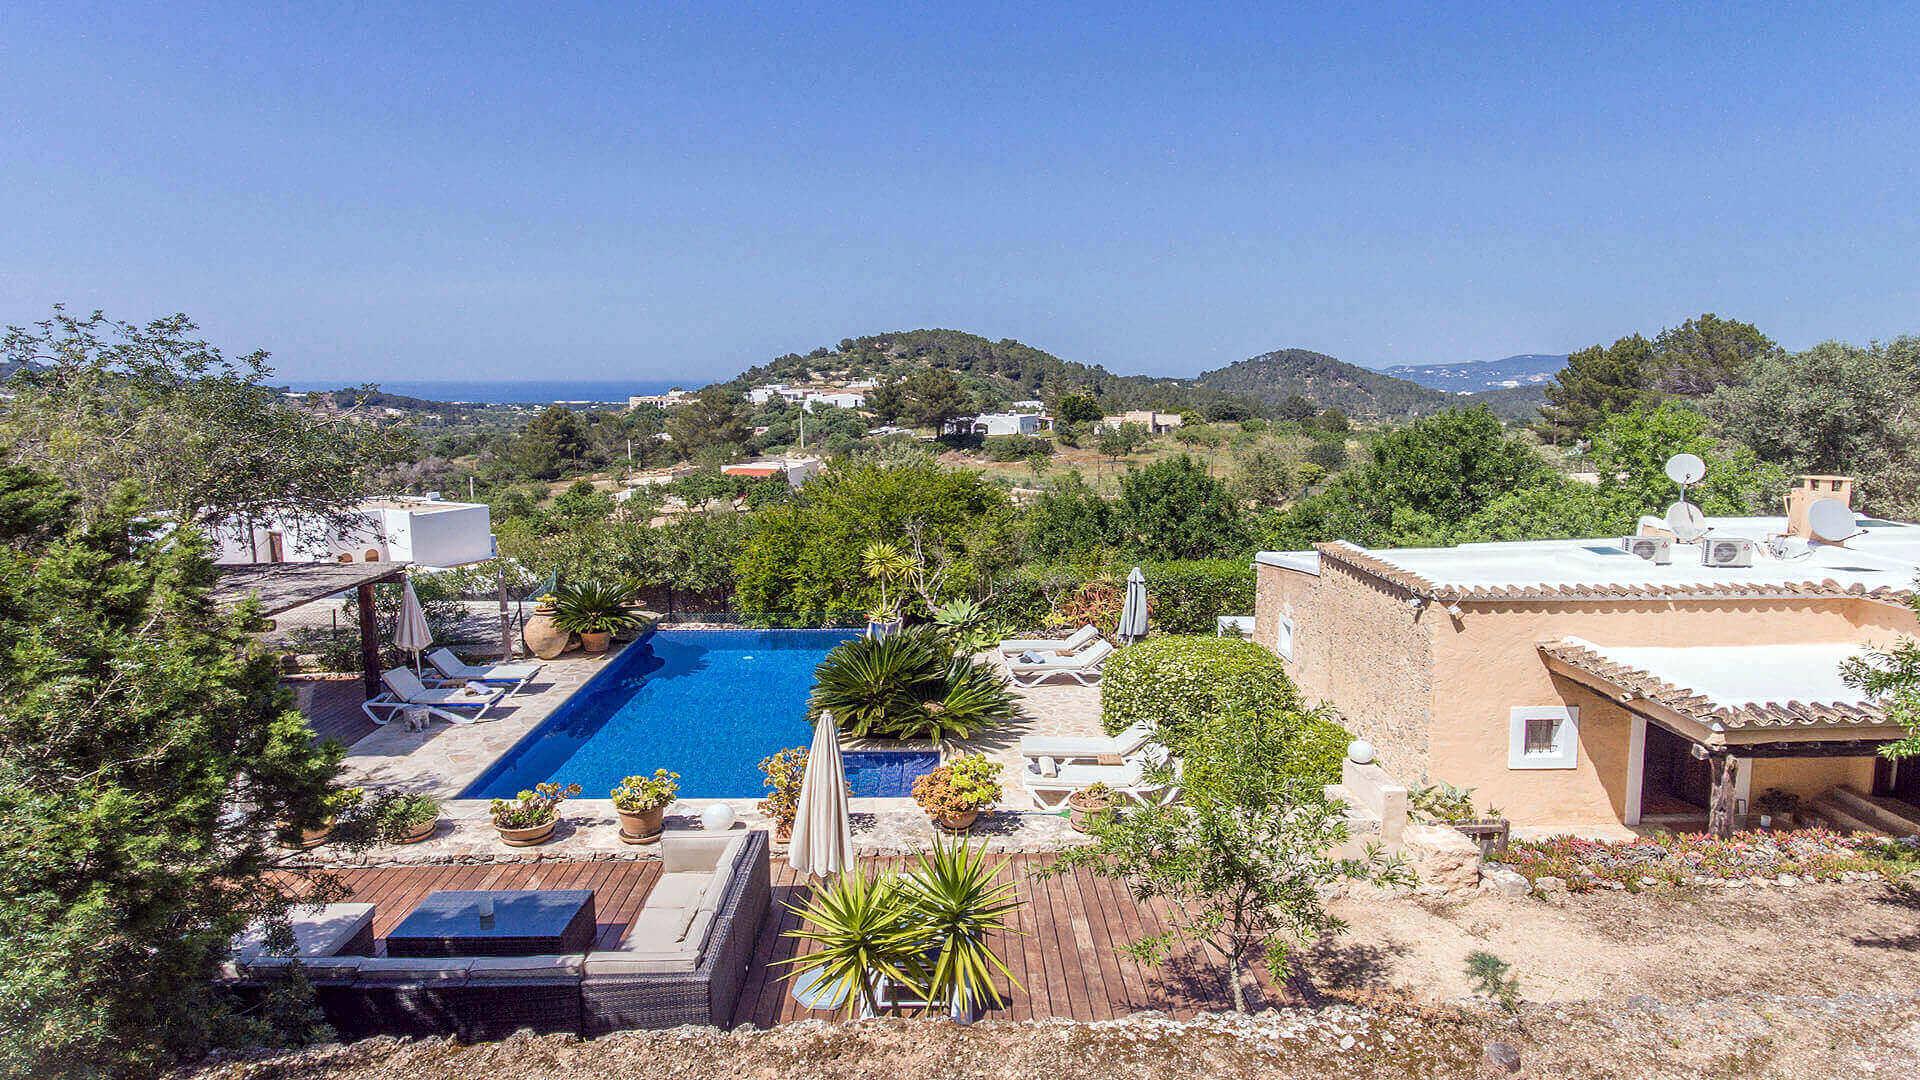 Finca Guerxonet Ibiza 8 San Agustin